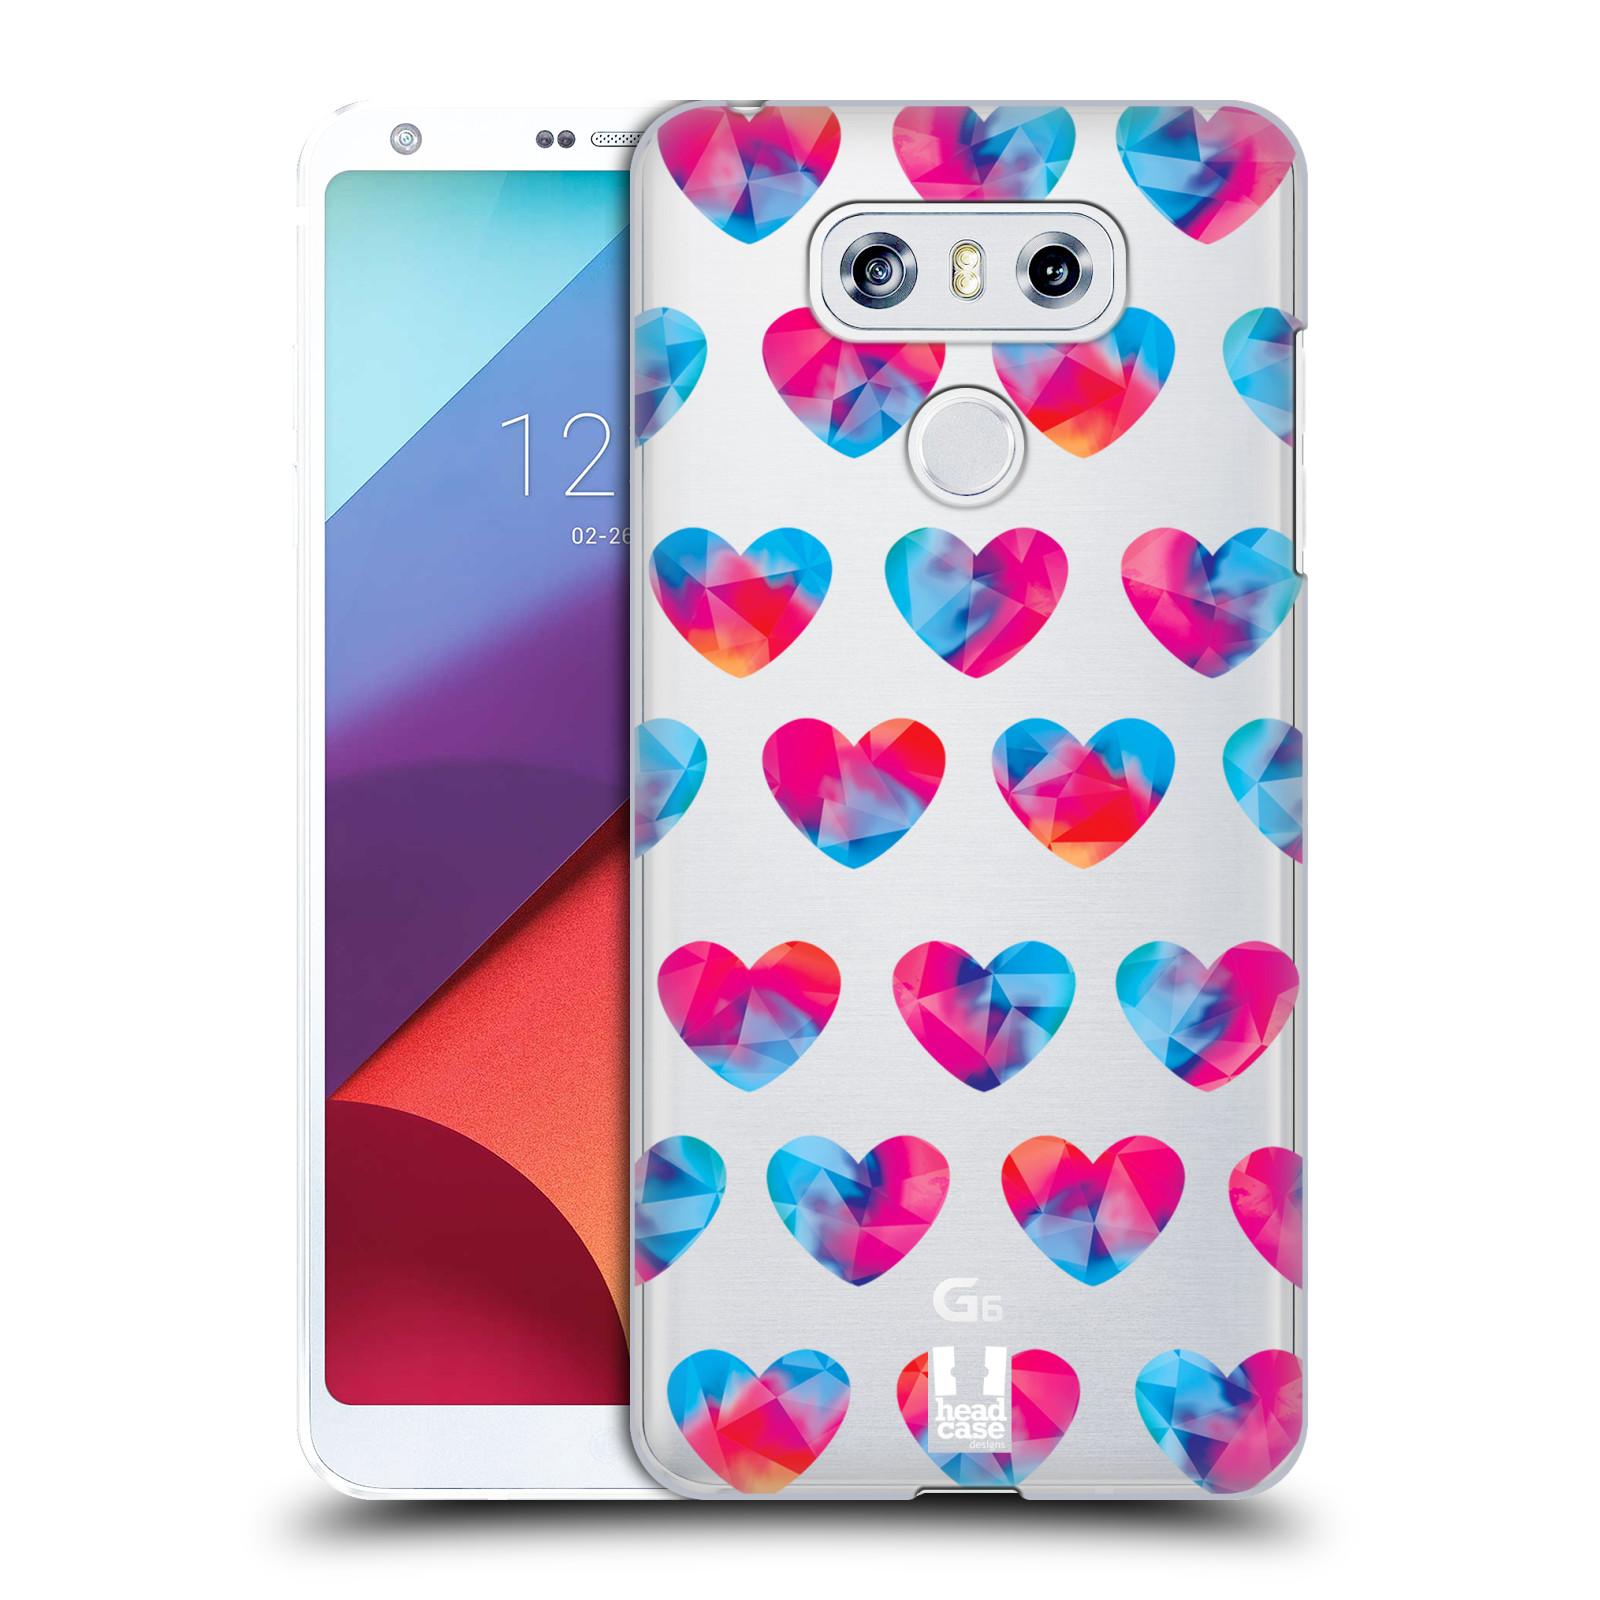 Plastové pouzdro na mobil LG G6 - Head Case - Srdíčka hrající barvami